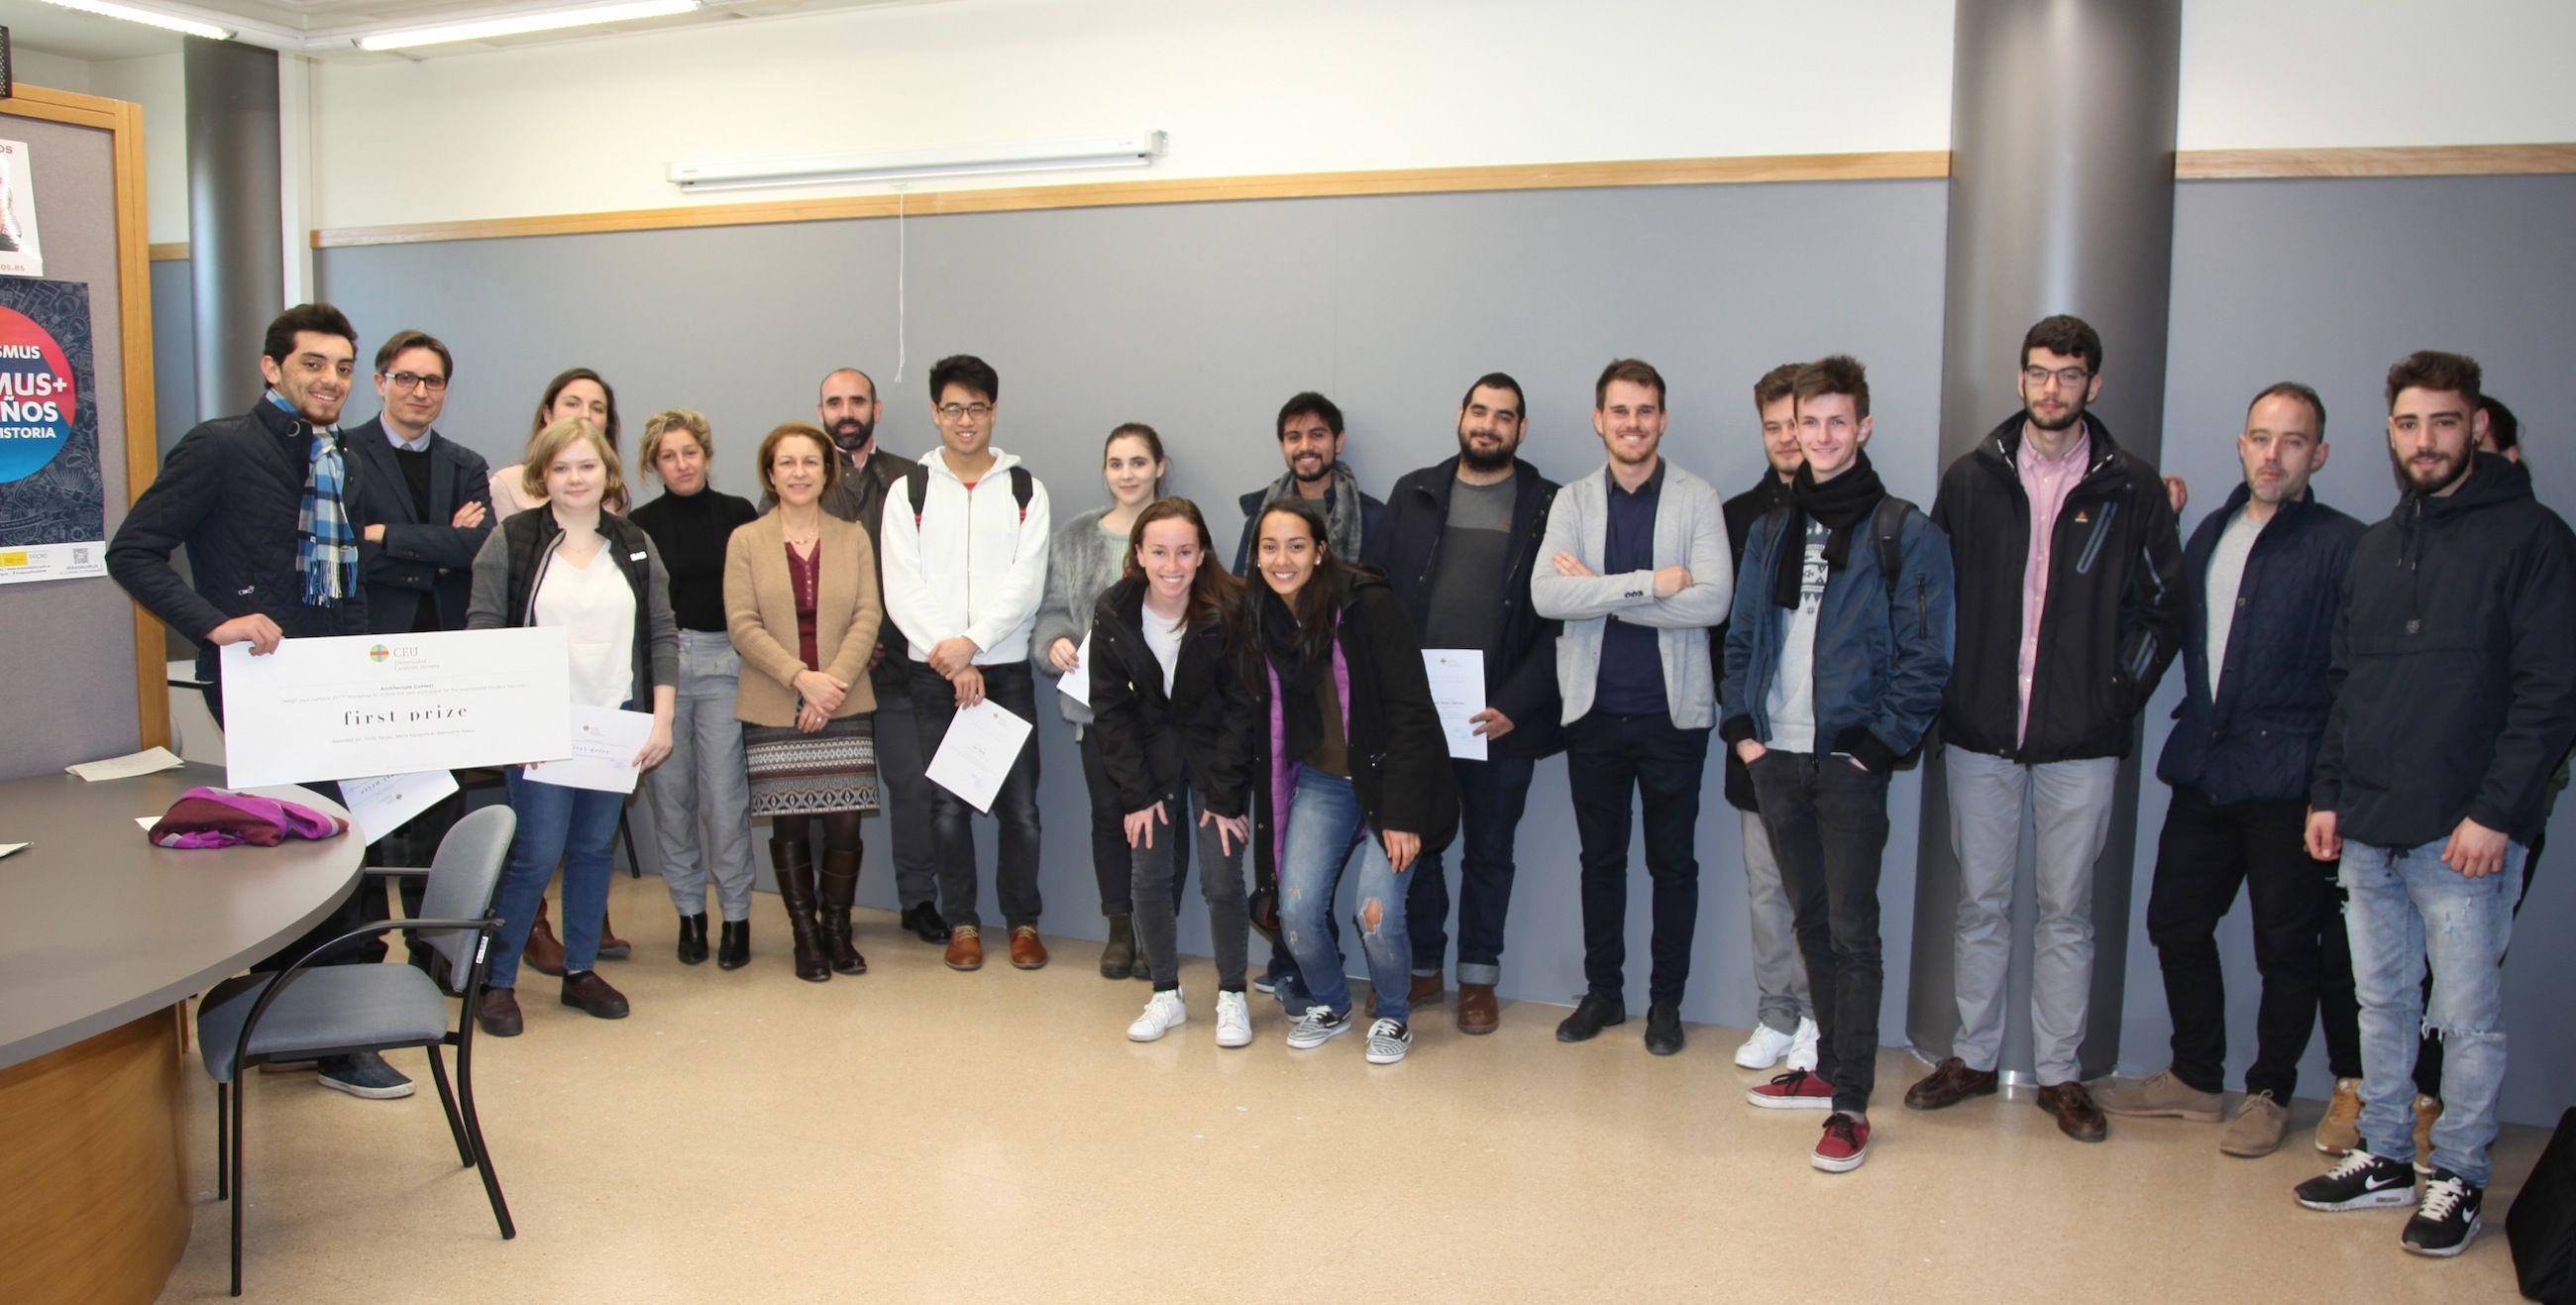 Profesores y estudiantes de Architecture participantes en el concurso Design your campus, con la rectora y el vicerrector de Internacionalización.